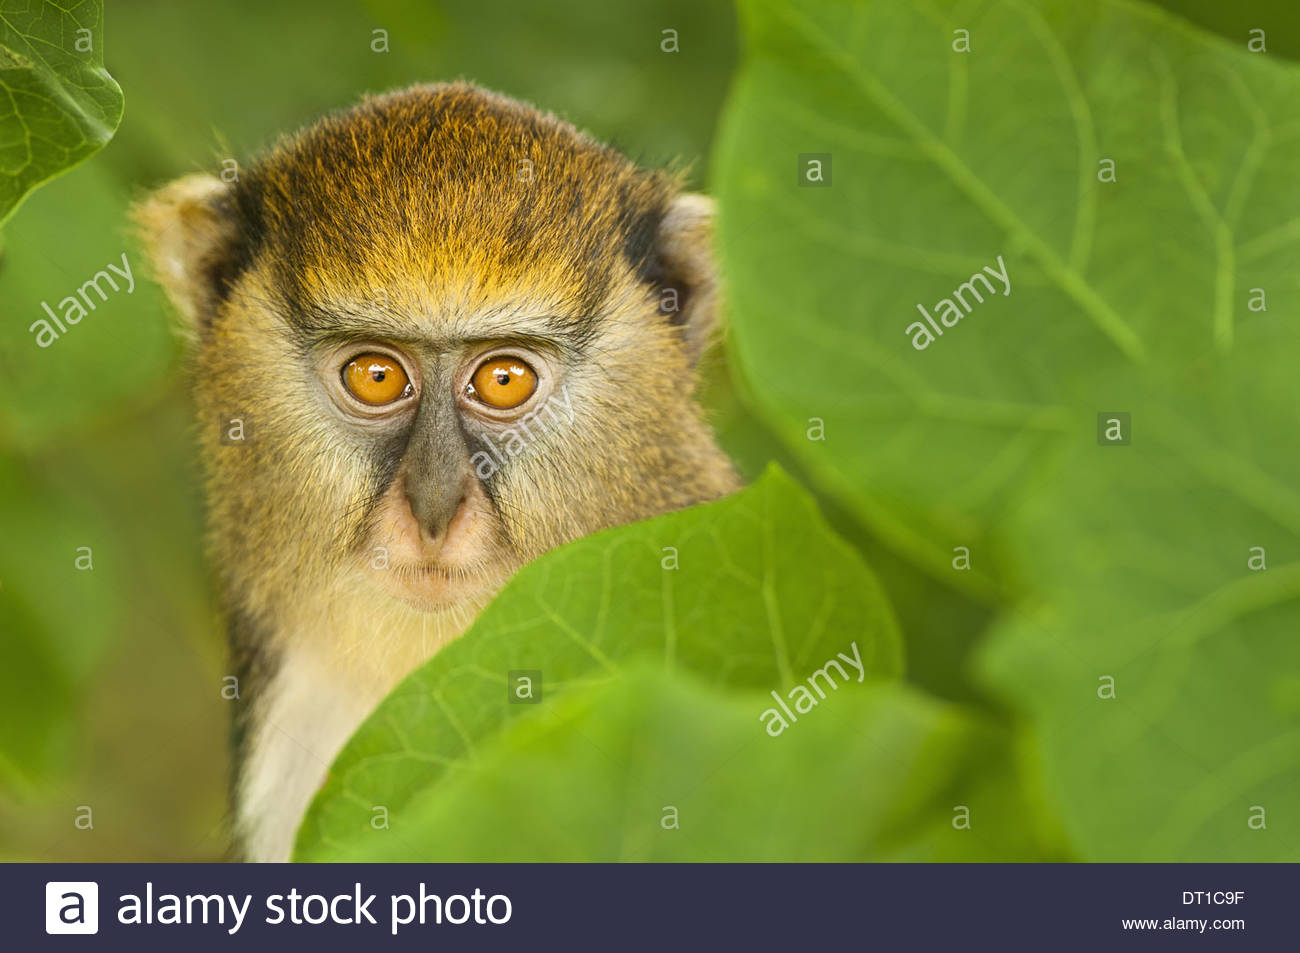 Santuario de monos Boabeng-Fiema Ghana joven mono Mona Cercopithecus mona Ghana Imagen De Stock